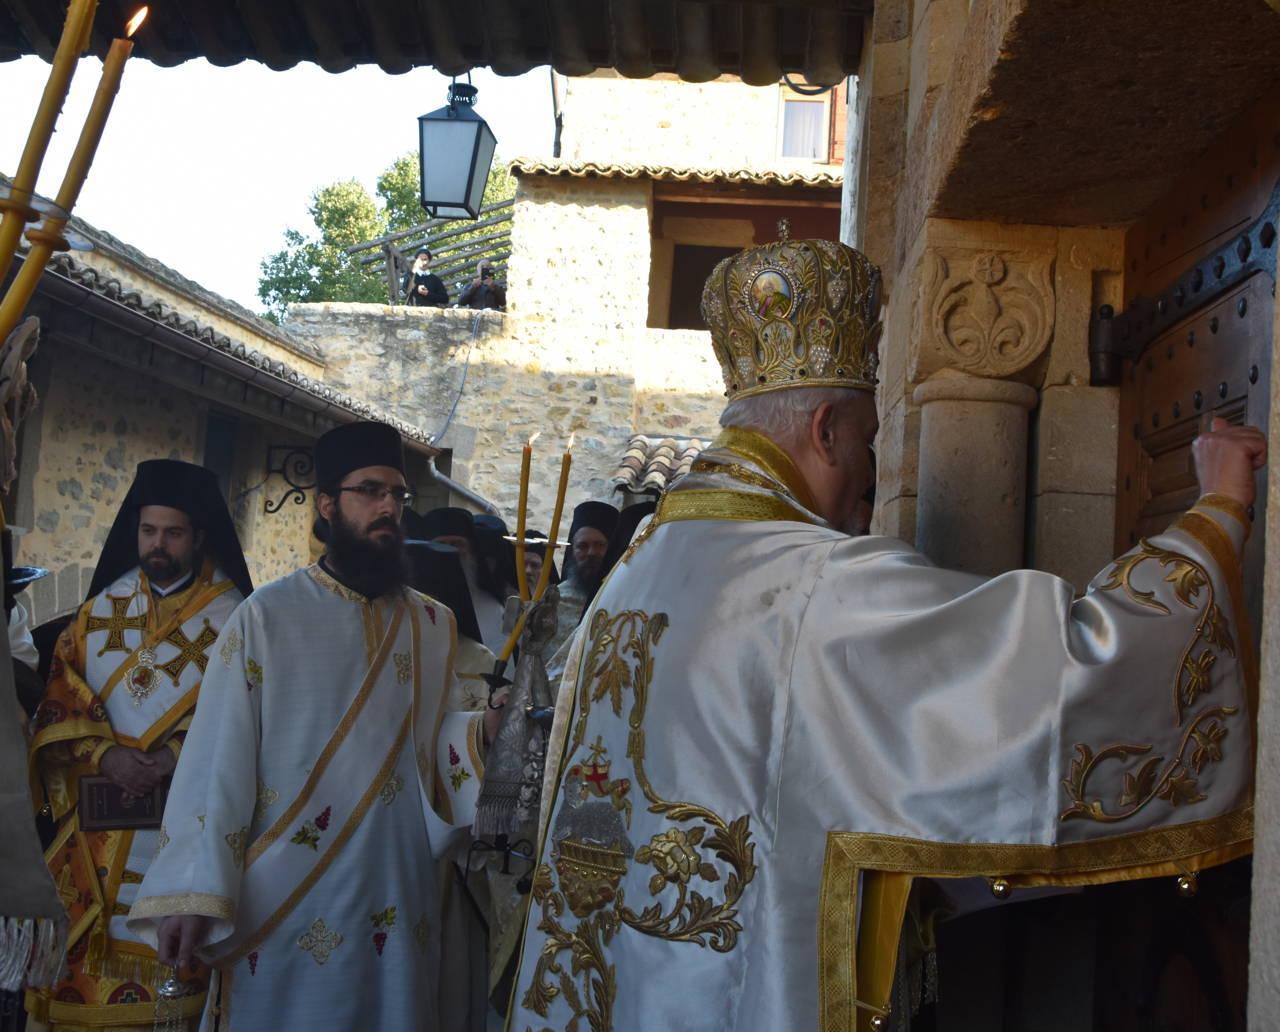 DSC 0569 - Λαμπρά εγκαίνια του Καθολικού της Ι. Μονής Αγίας Σκέπης Σολάν